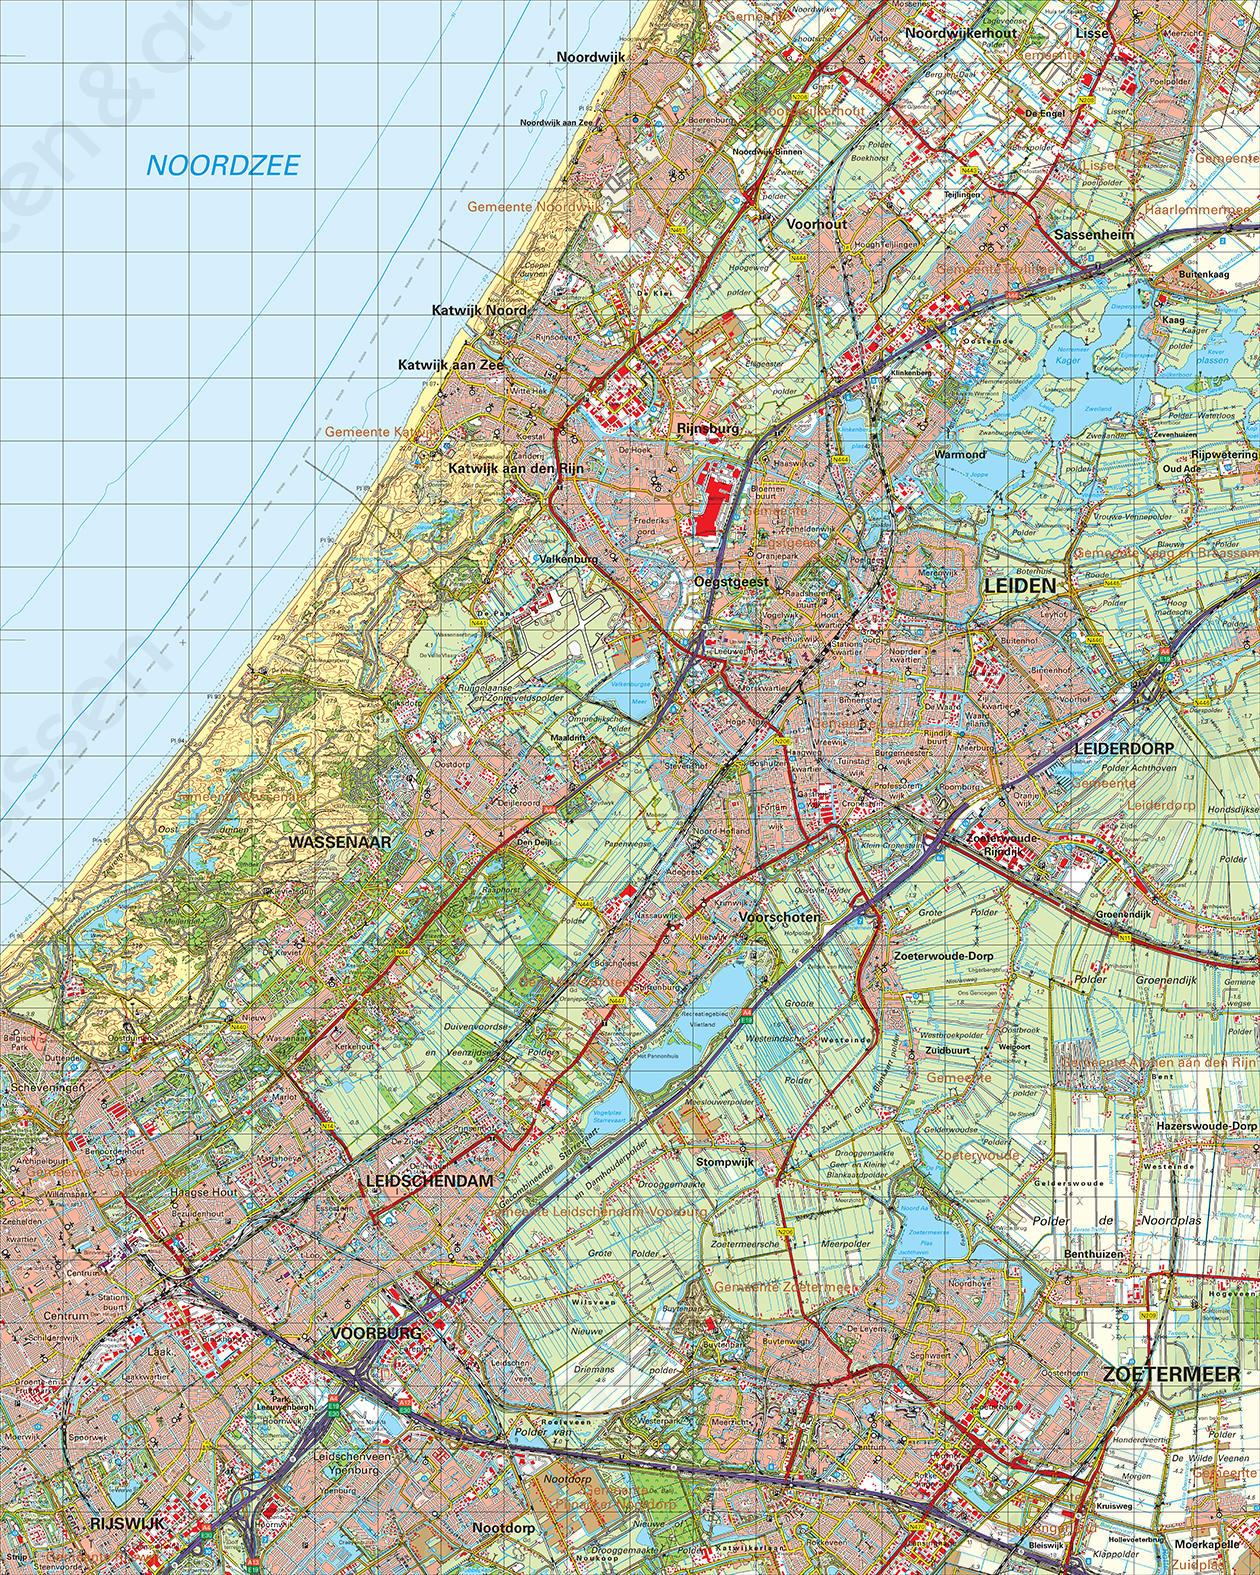 geografische kaart nederland Topografische Kaart 30 Oost 's Gravenhage | Kaarten en Atlassen.nl